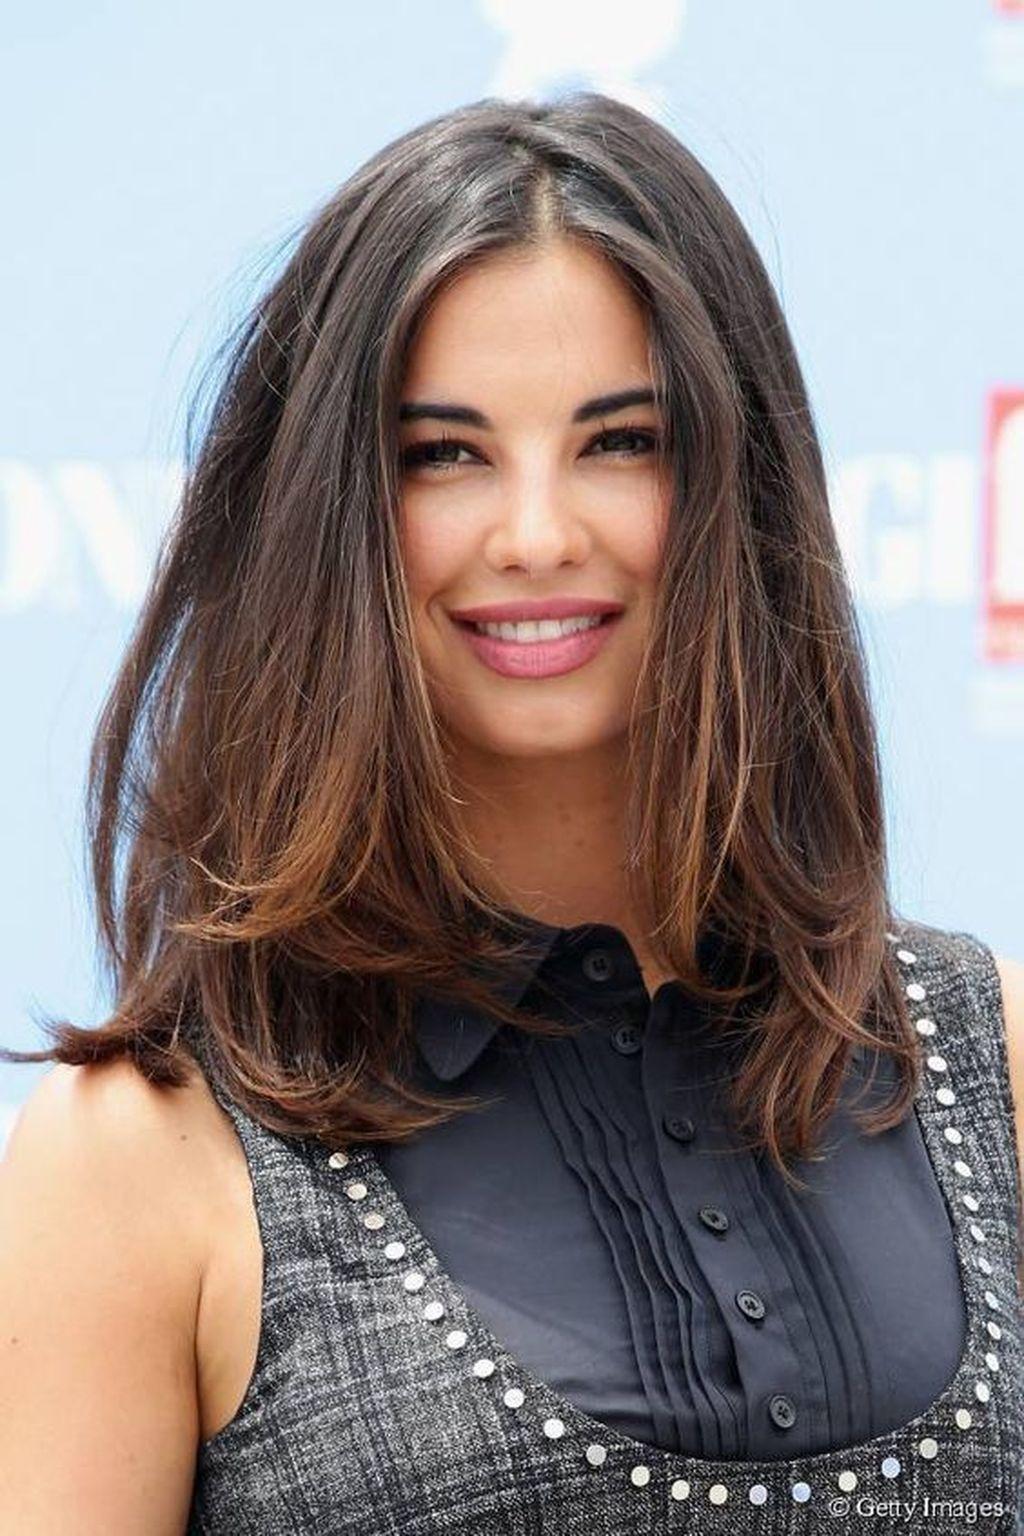 50 cute hairstyles ideas for medium length hair haircut